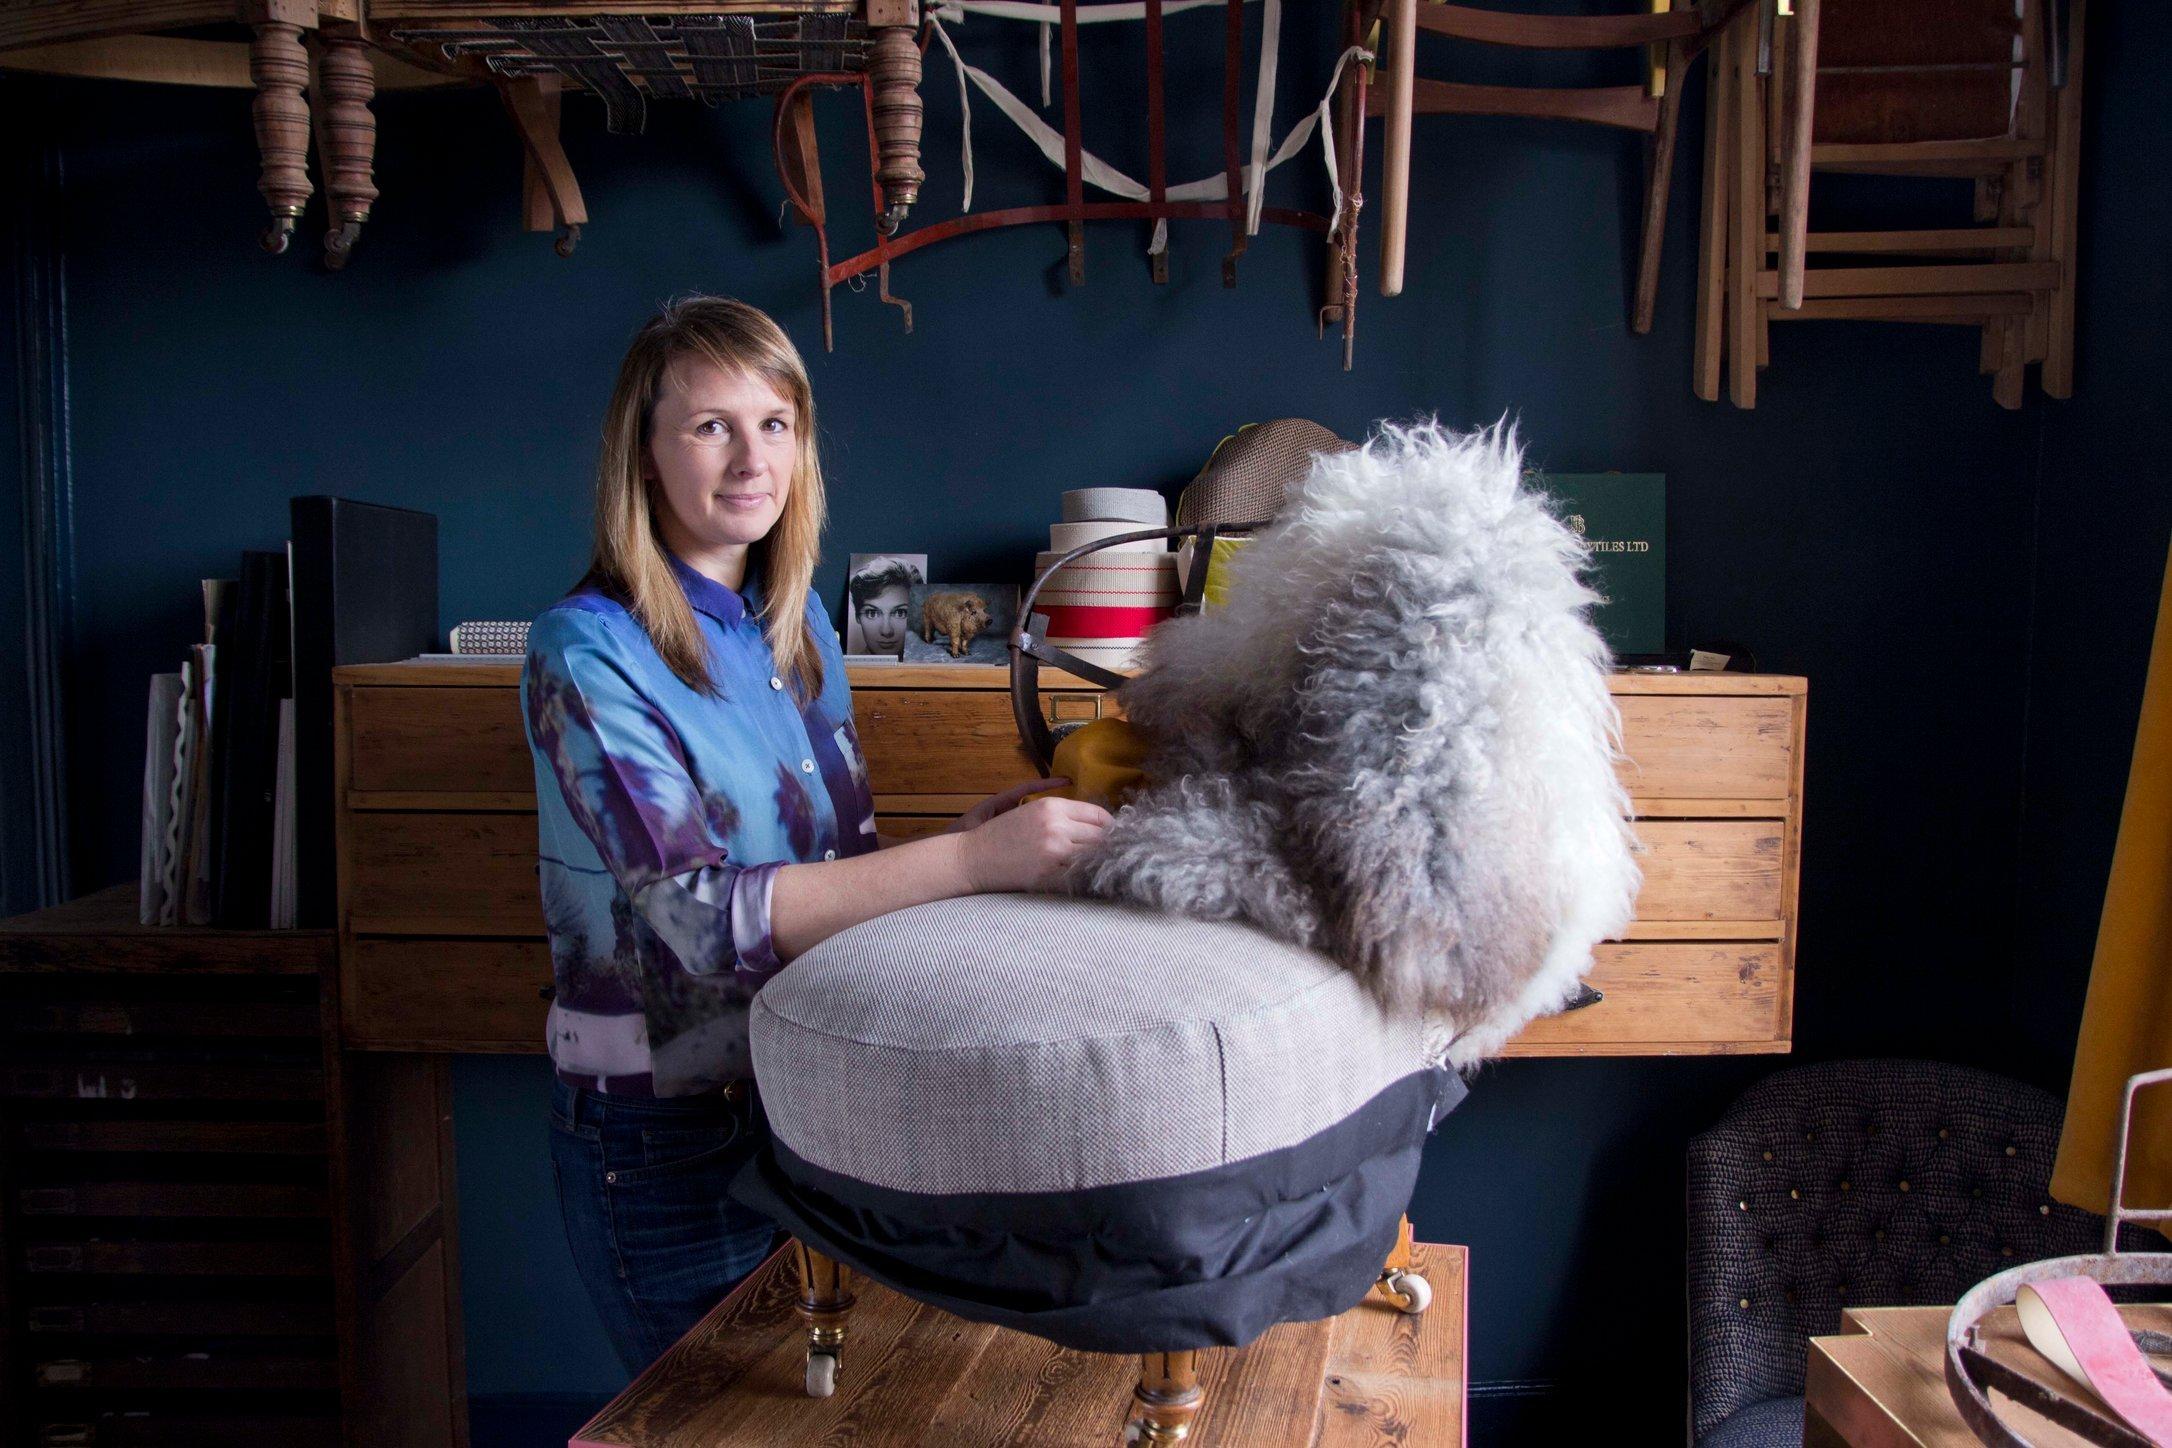 Hannah Stanton / Upholsterer